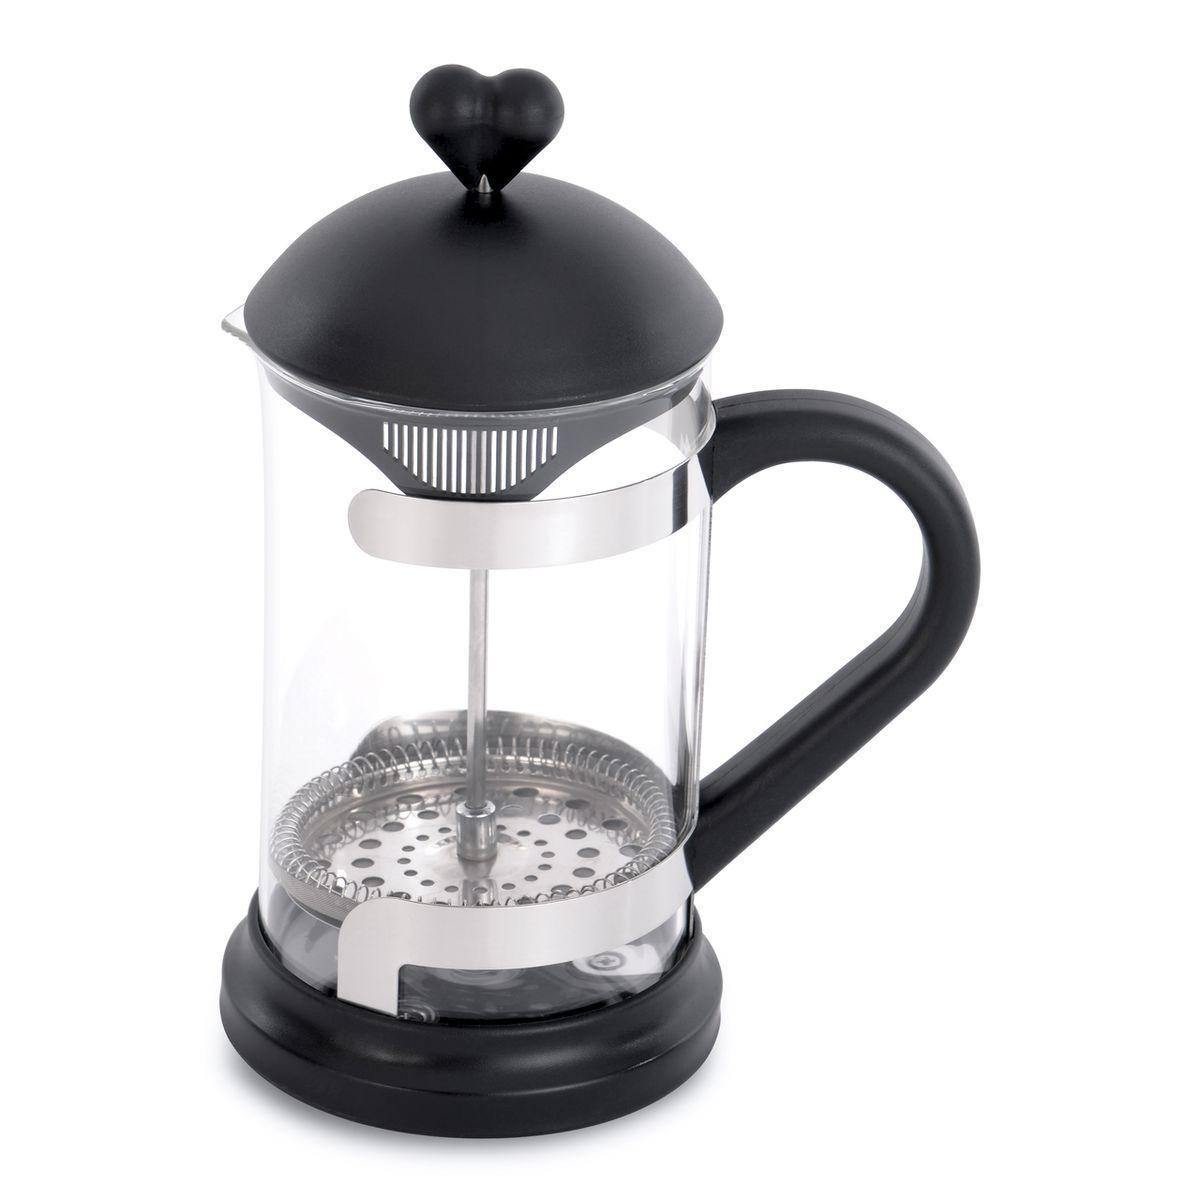 Прес для чая или кофе 0,8 л. 38000223800022Поршневой заварник для кофе/чая 16,50 x 11,00 x 22,50 см, 0,80 л LOVER BY LOVER выполнен из термостойкого боросиликатного стекла, енагревающиеся ручки из высококачественного синтетического материала. Тонкий сетчатый фильтр сохраняет заварку внутри пресса, не позволяя ей попасть в чашку. Удобно использовать, легко чистить . Рекомендуется мыть вручную. Упакован в подарочную коробку.